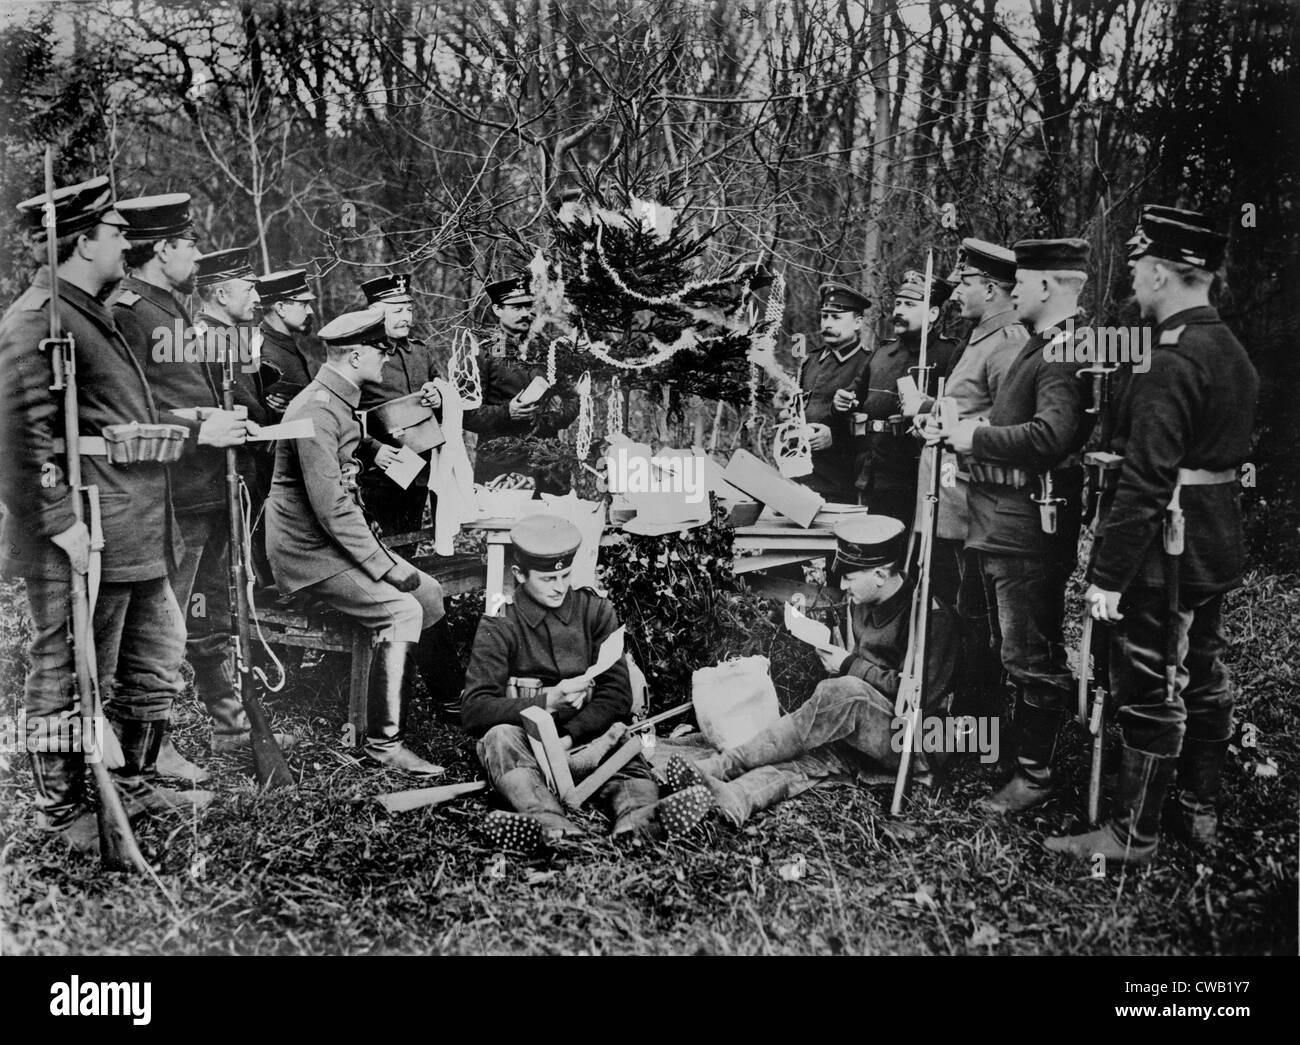 Deutsche Soldaten Weihnachten Stockfotos & Deutsche Soldaten ...